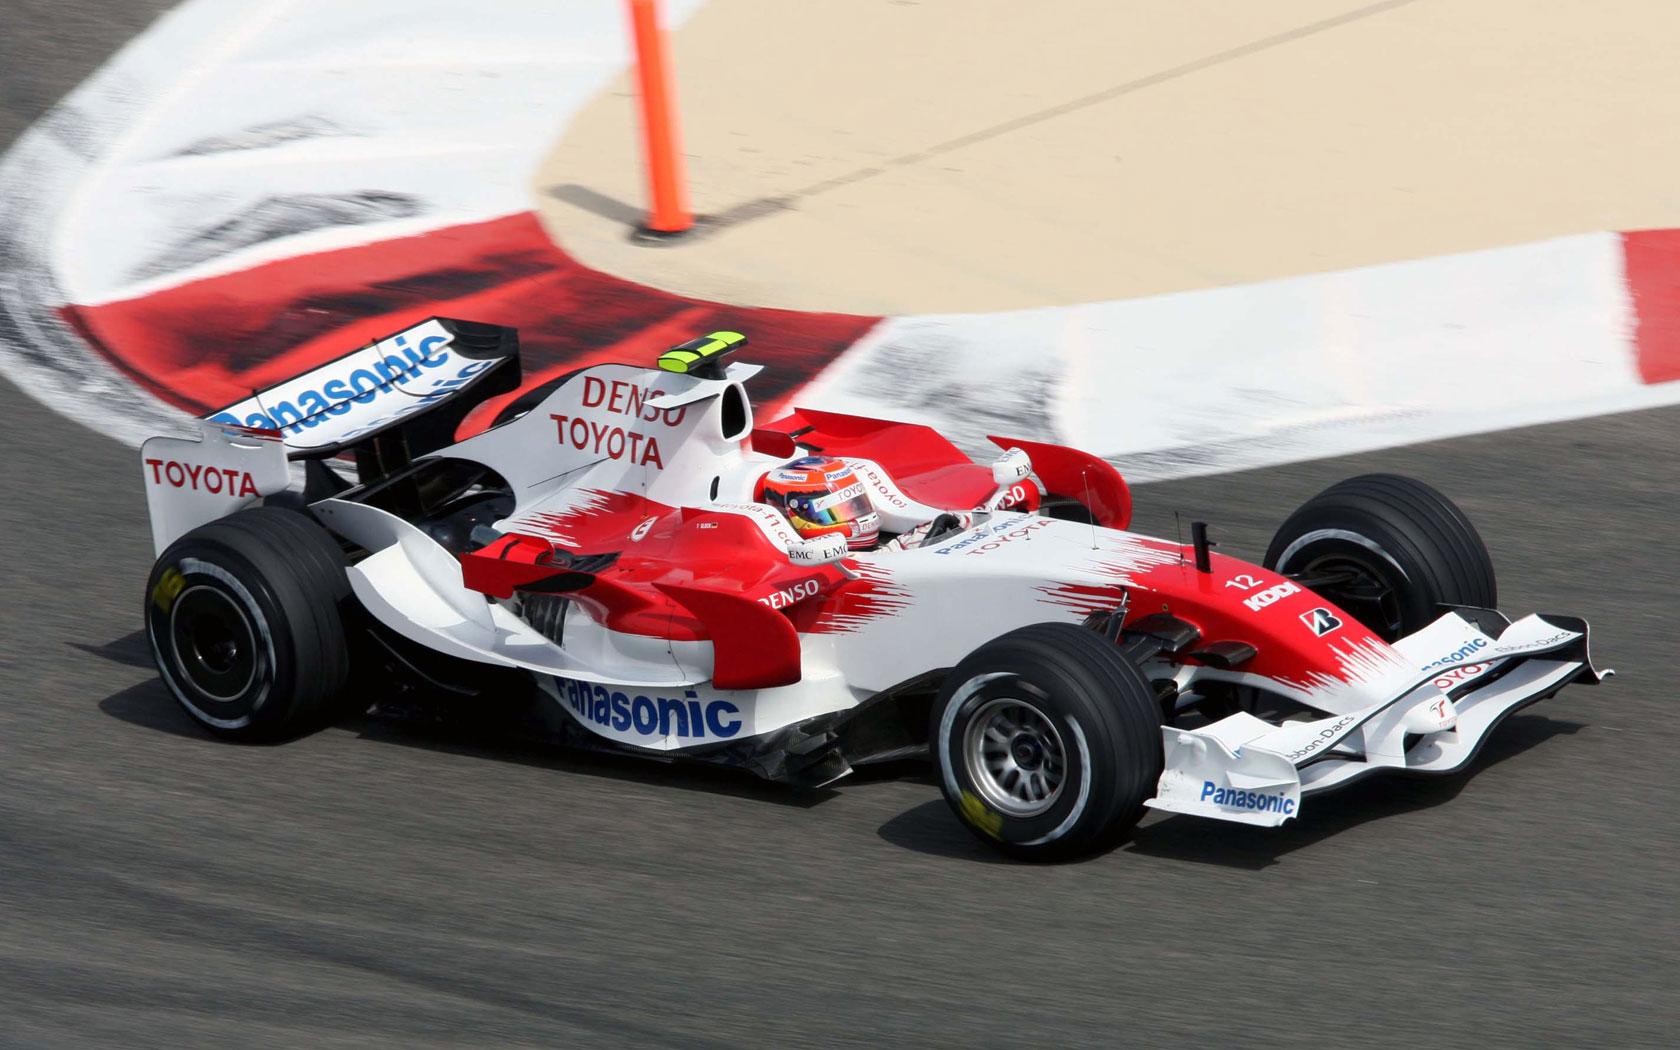 Toyota F1, equipe histórica de Formula 1 de 2008 - by f1-fansite.com